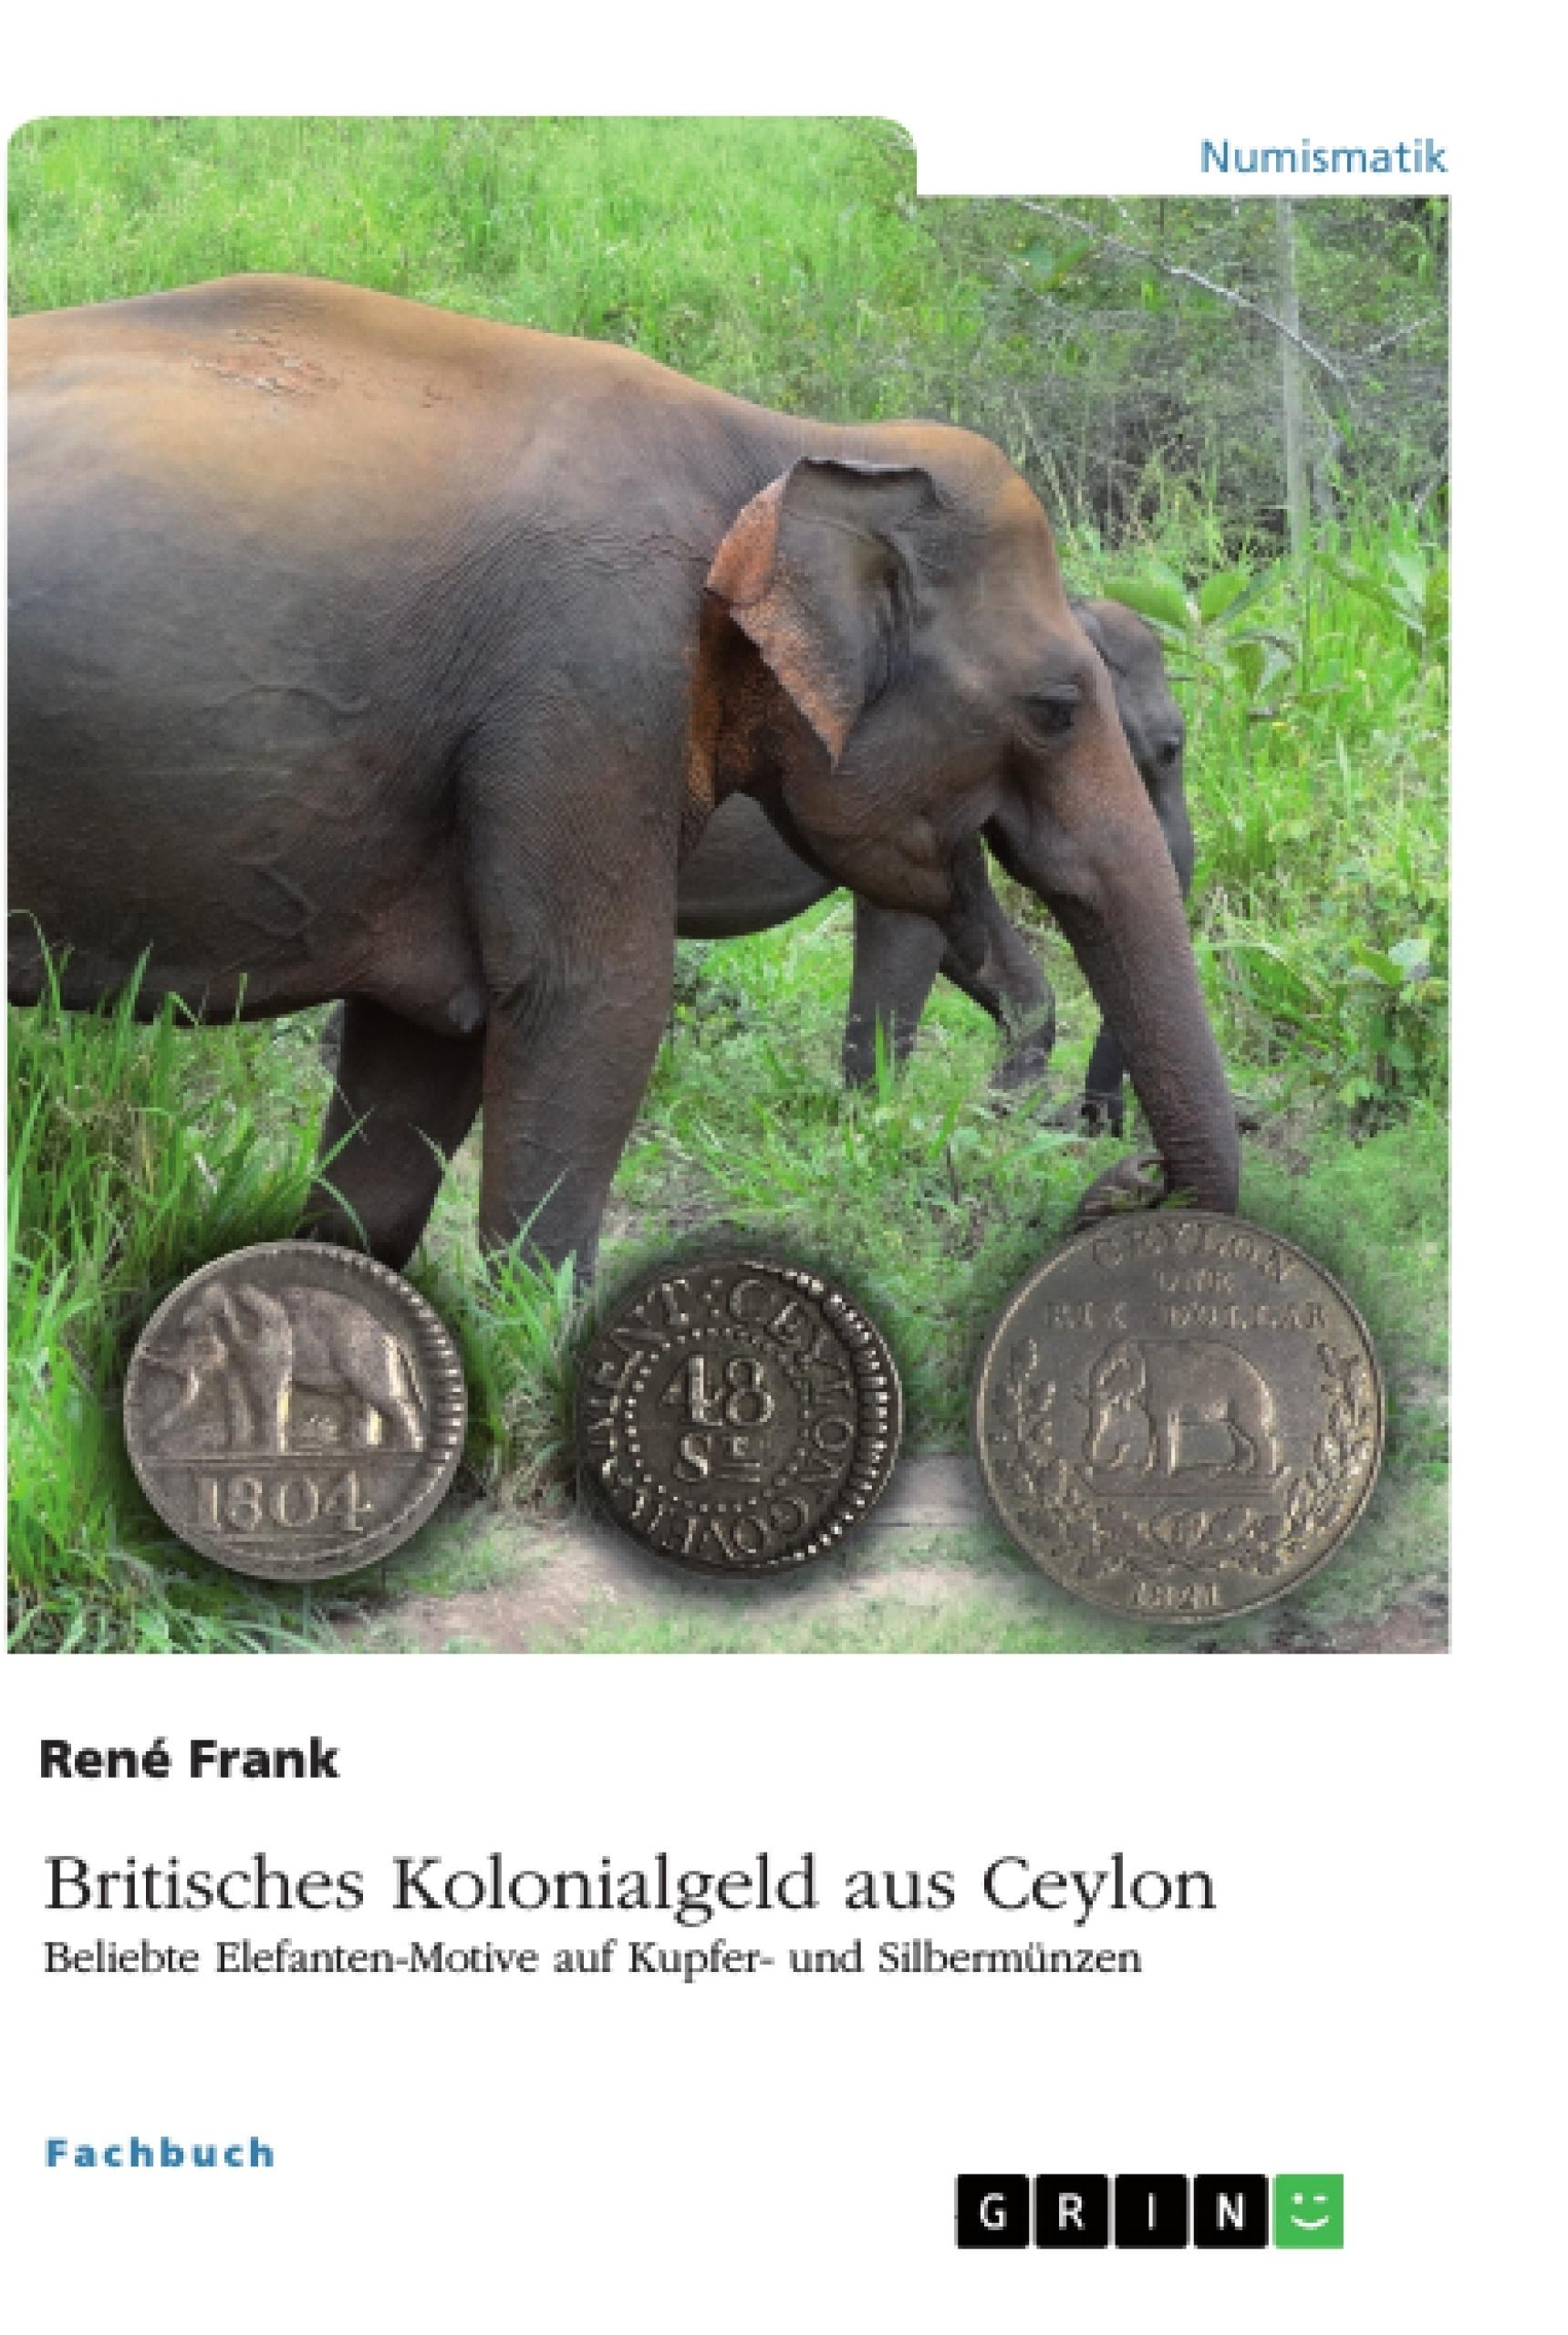 Titel: Britisches Kolonialgeld aus Ceylon. Beliebte Elefanten-Motive auf Kupfer- und Silbermünzen